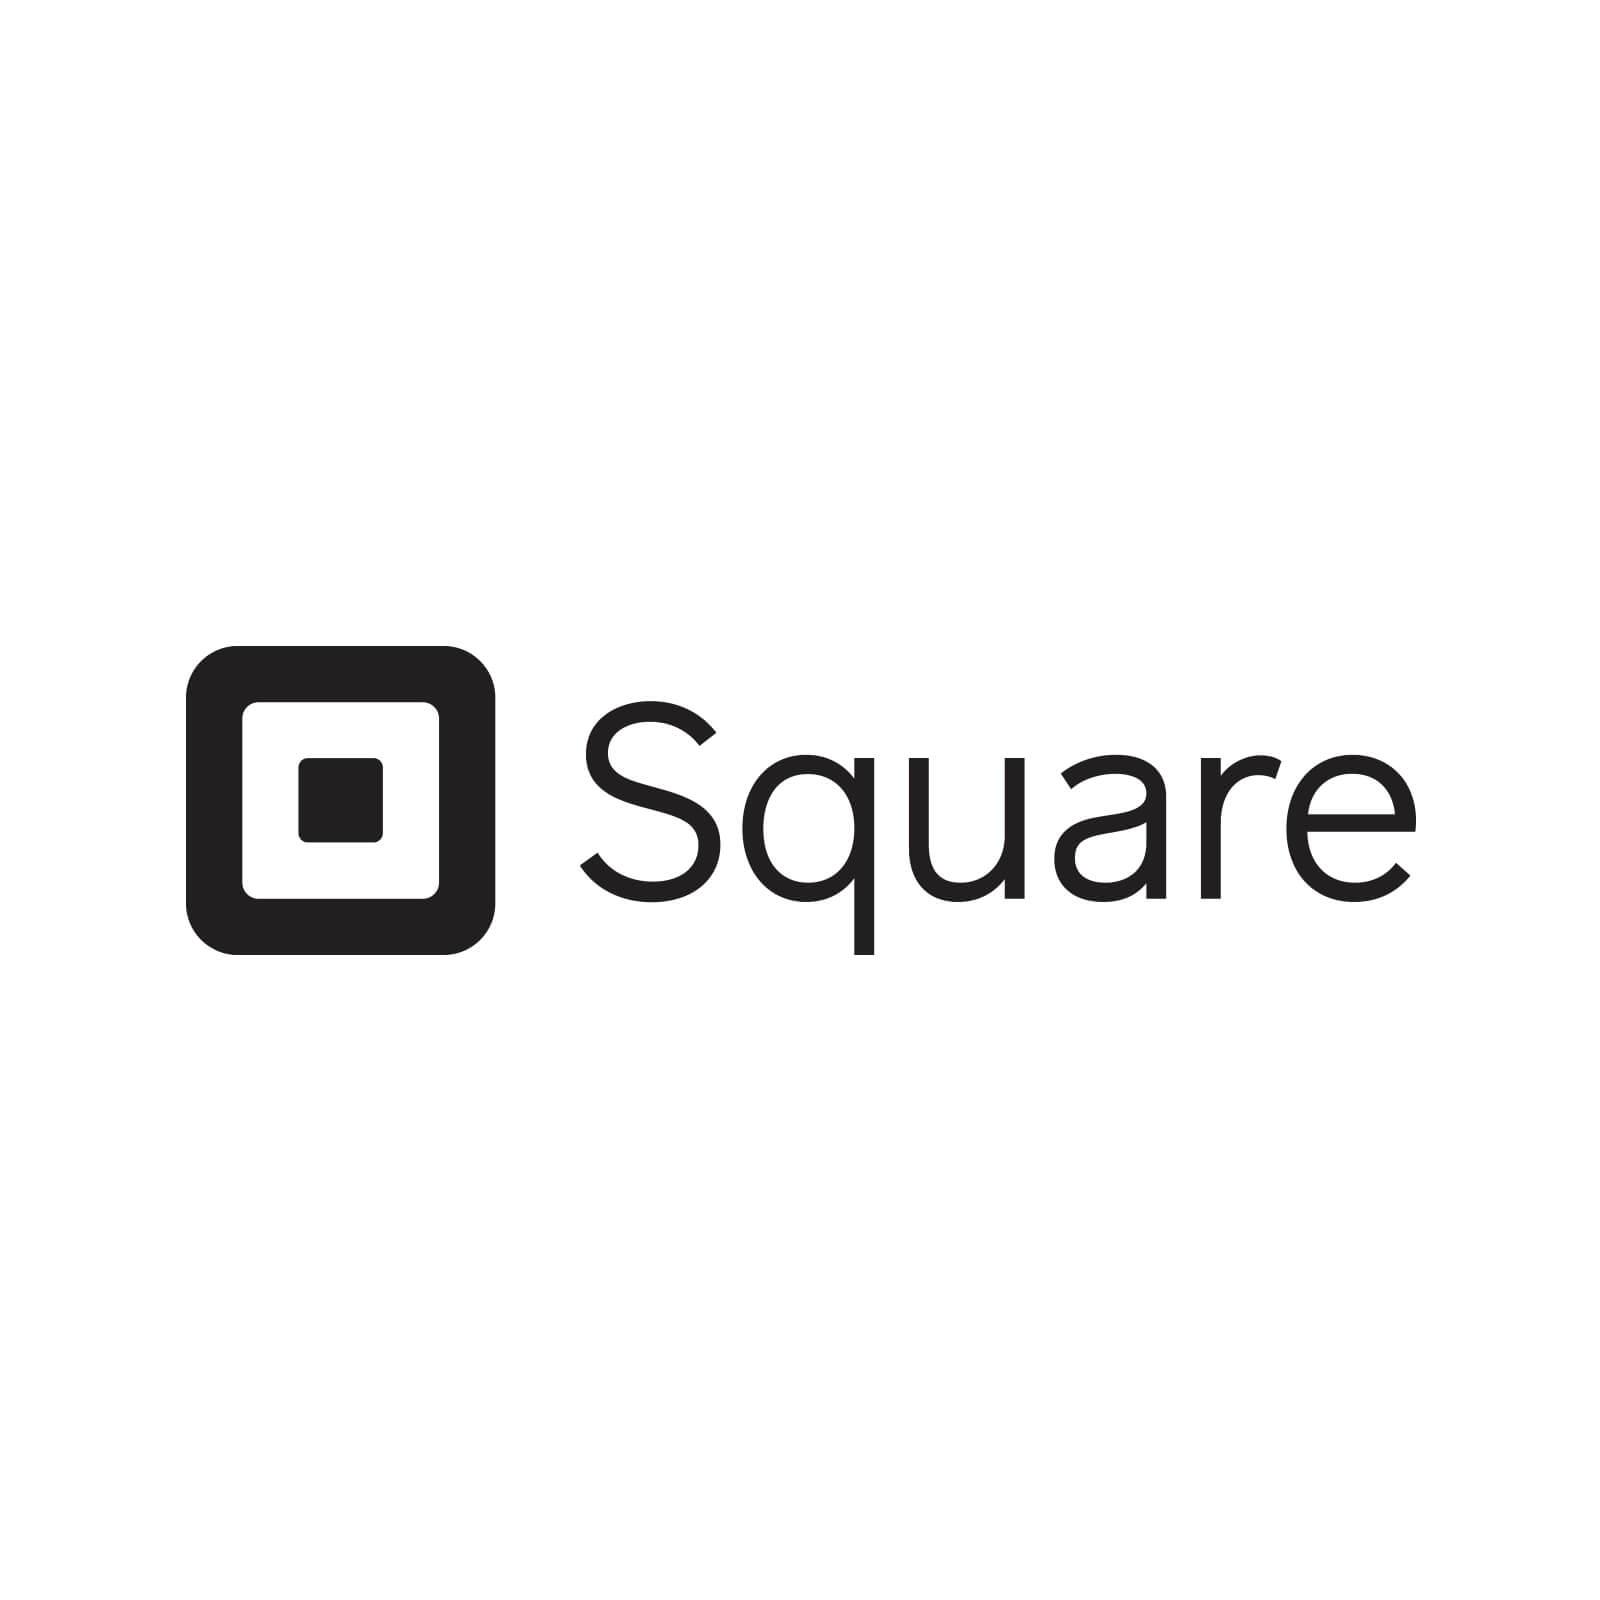 店舗型のビジネスにICクレジットカード対応の決済システムを簡単に導入できる手数料も安いSquare(スクエア)